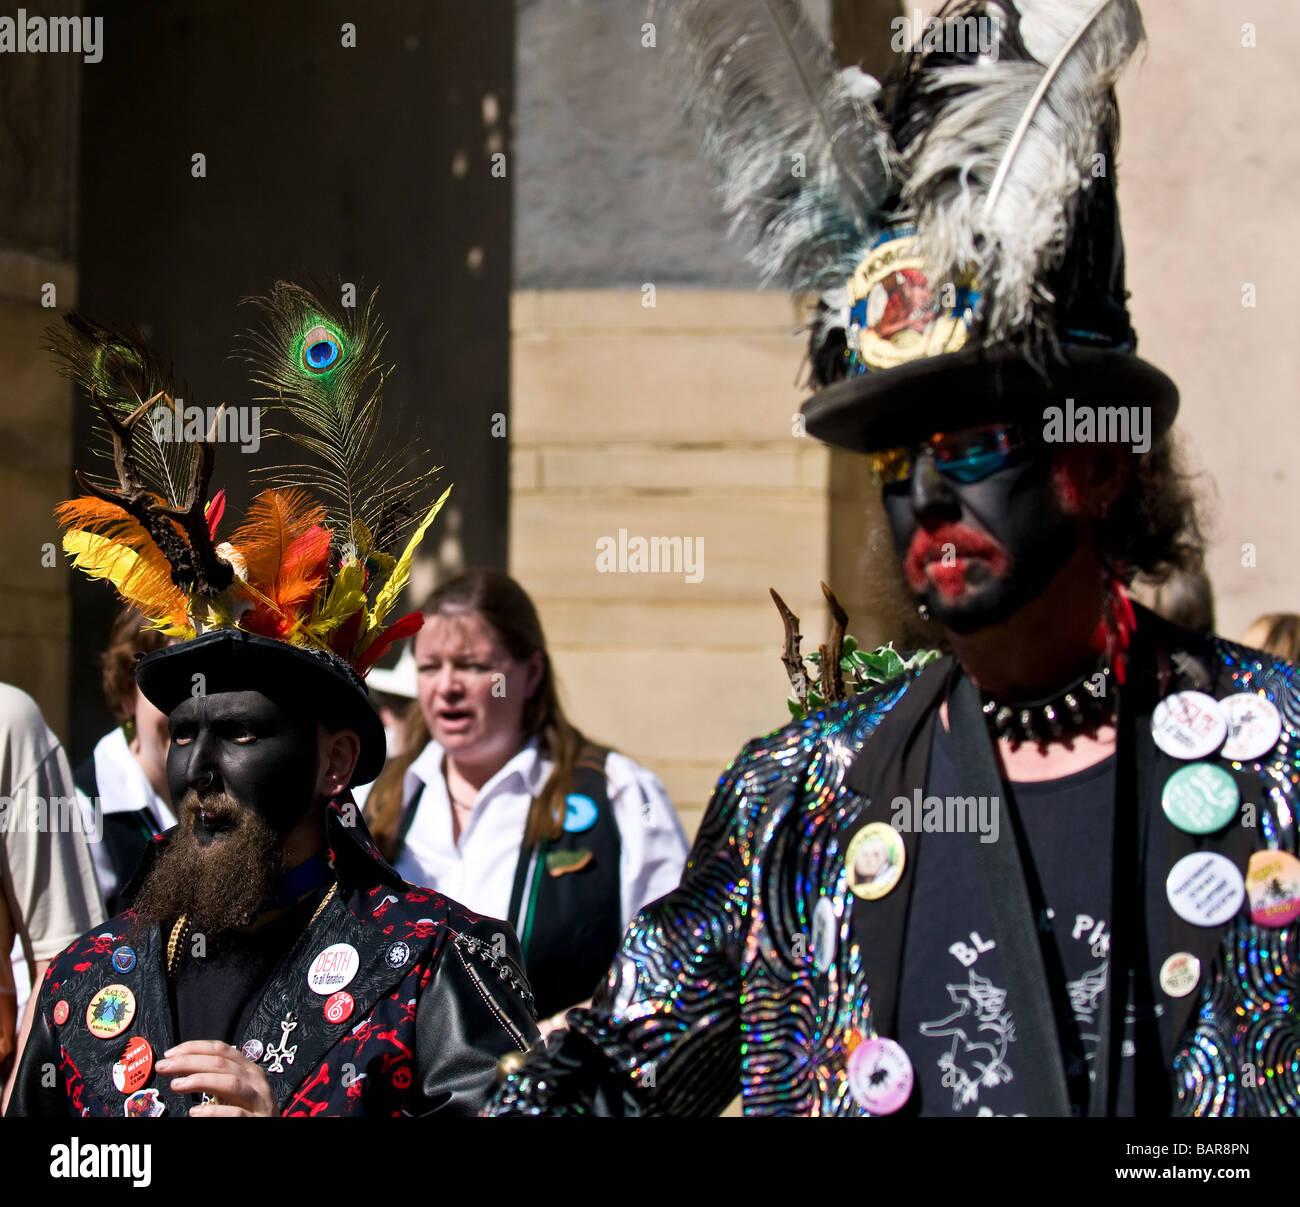 Membri del Suino Nero di confine lato Morris presso il Festival spazia  Immagini Stock e3044facd00